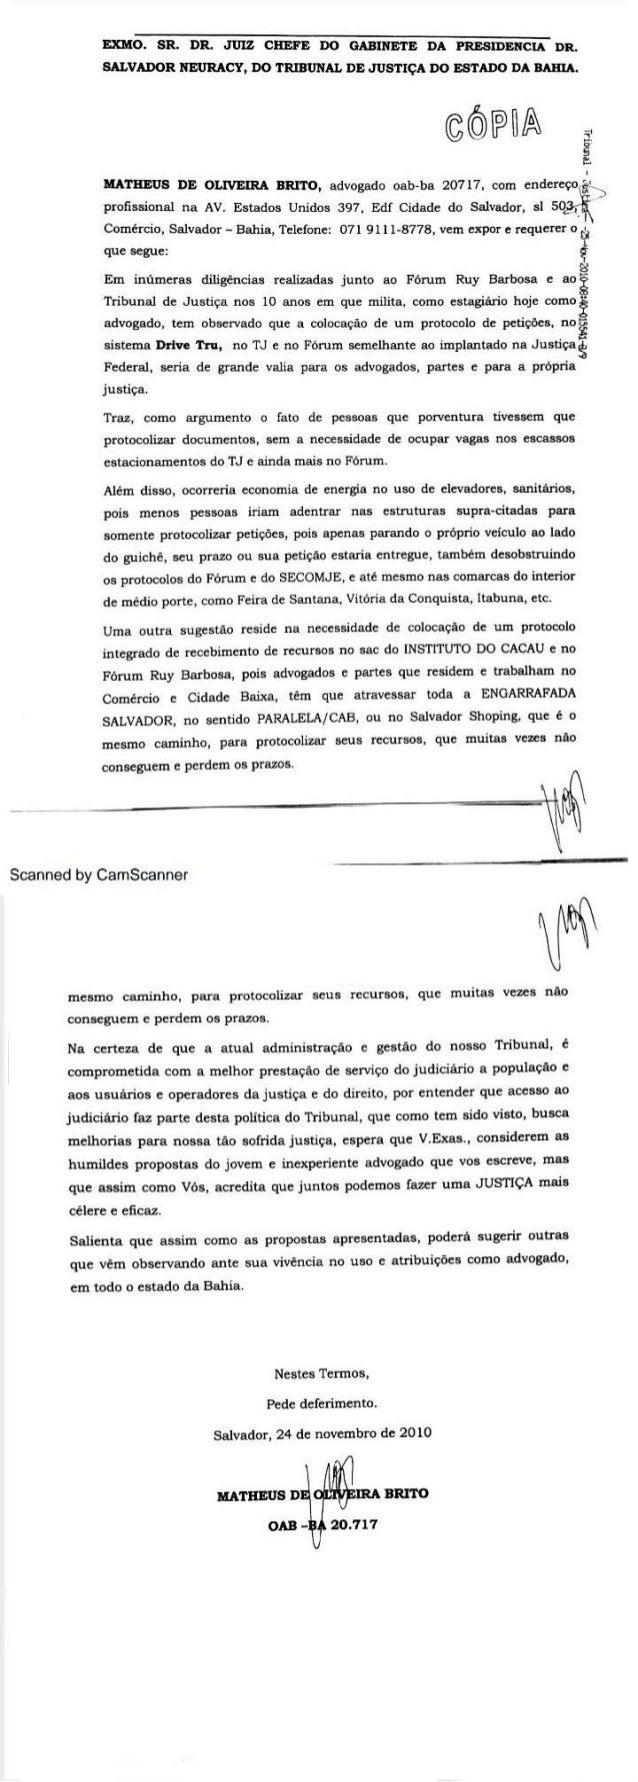 EXMO.  SR.  DR.  JUIZ CHEFE DO GABINETE DA ? RESIDENCIA DR.  SALVADOR NEURACY,  DO TRIBUNAL DE JUSTIÇA DO ESTADO DA BAHIA....